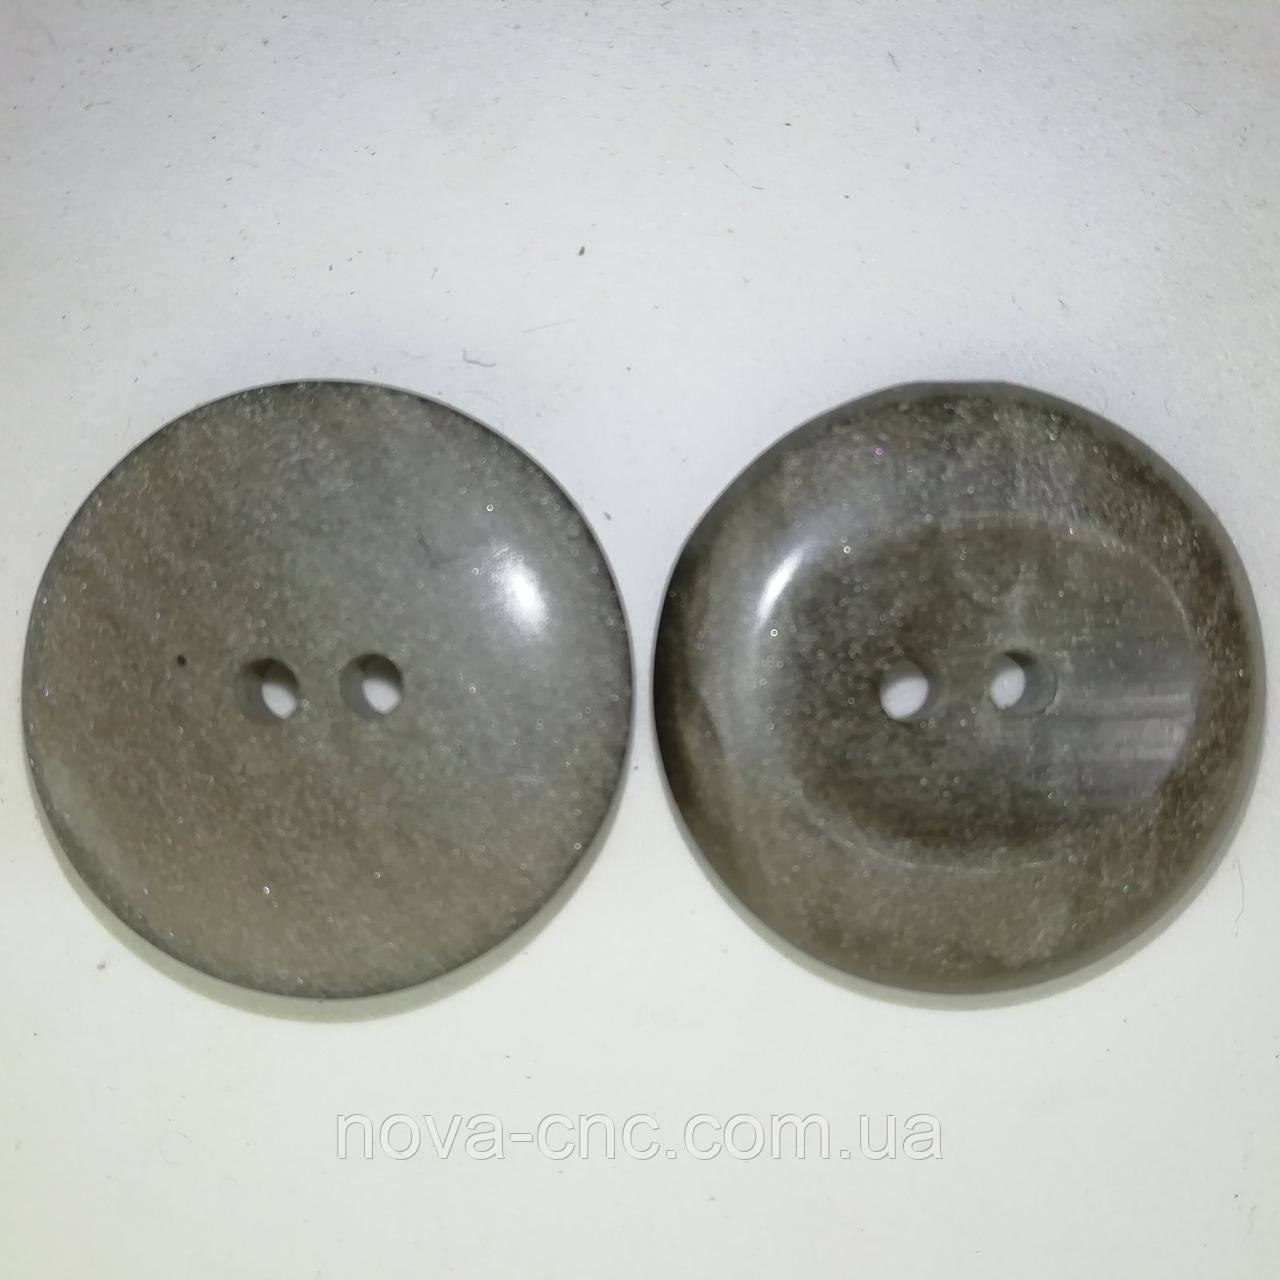 Ґудзики пластмасові 26 мм Колір сірий мармур Упаковка 550 штук